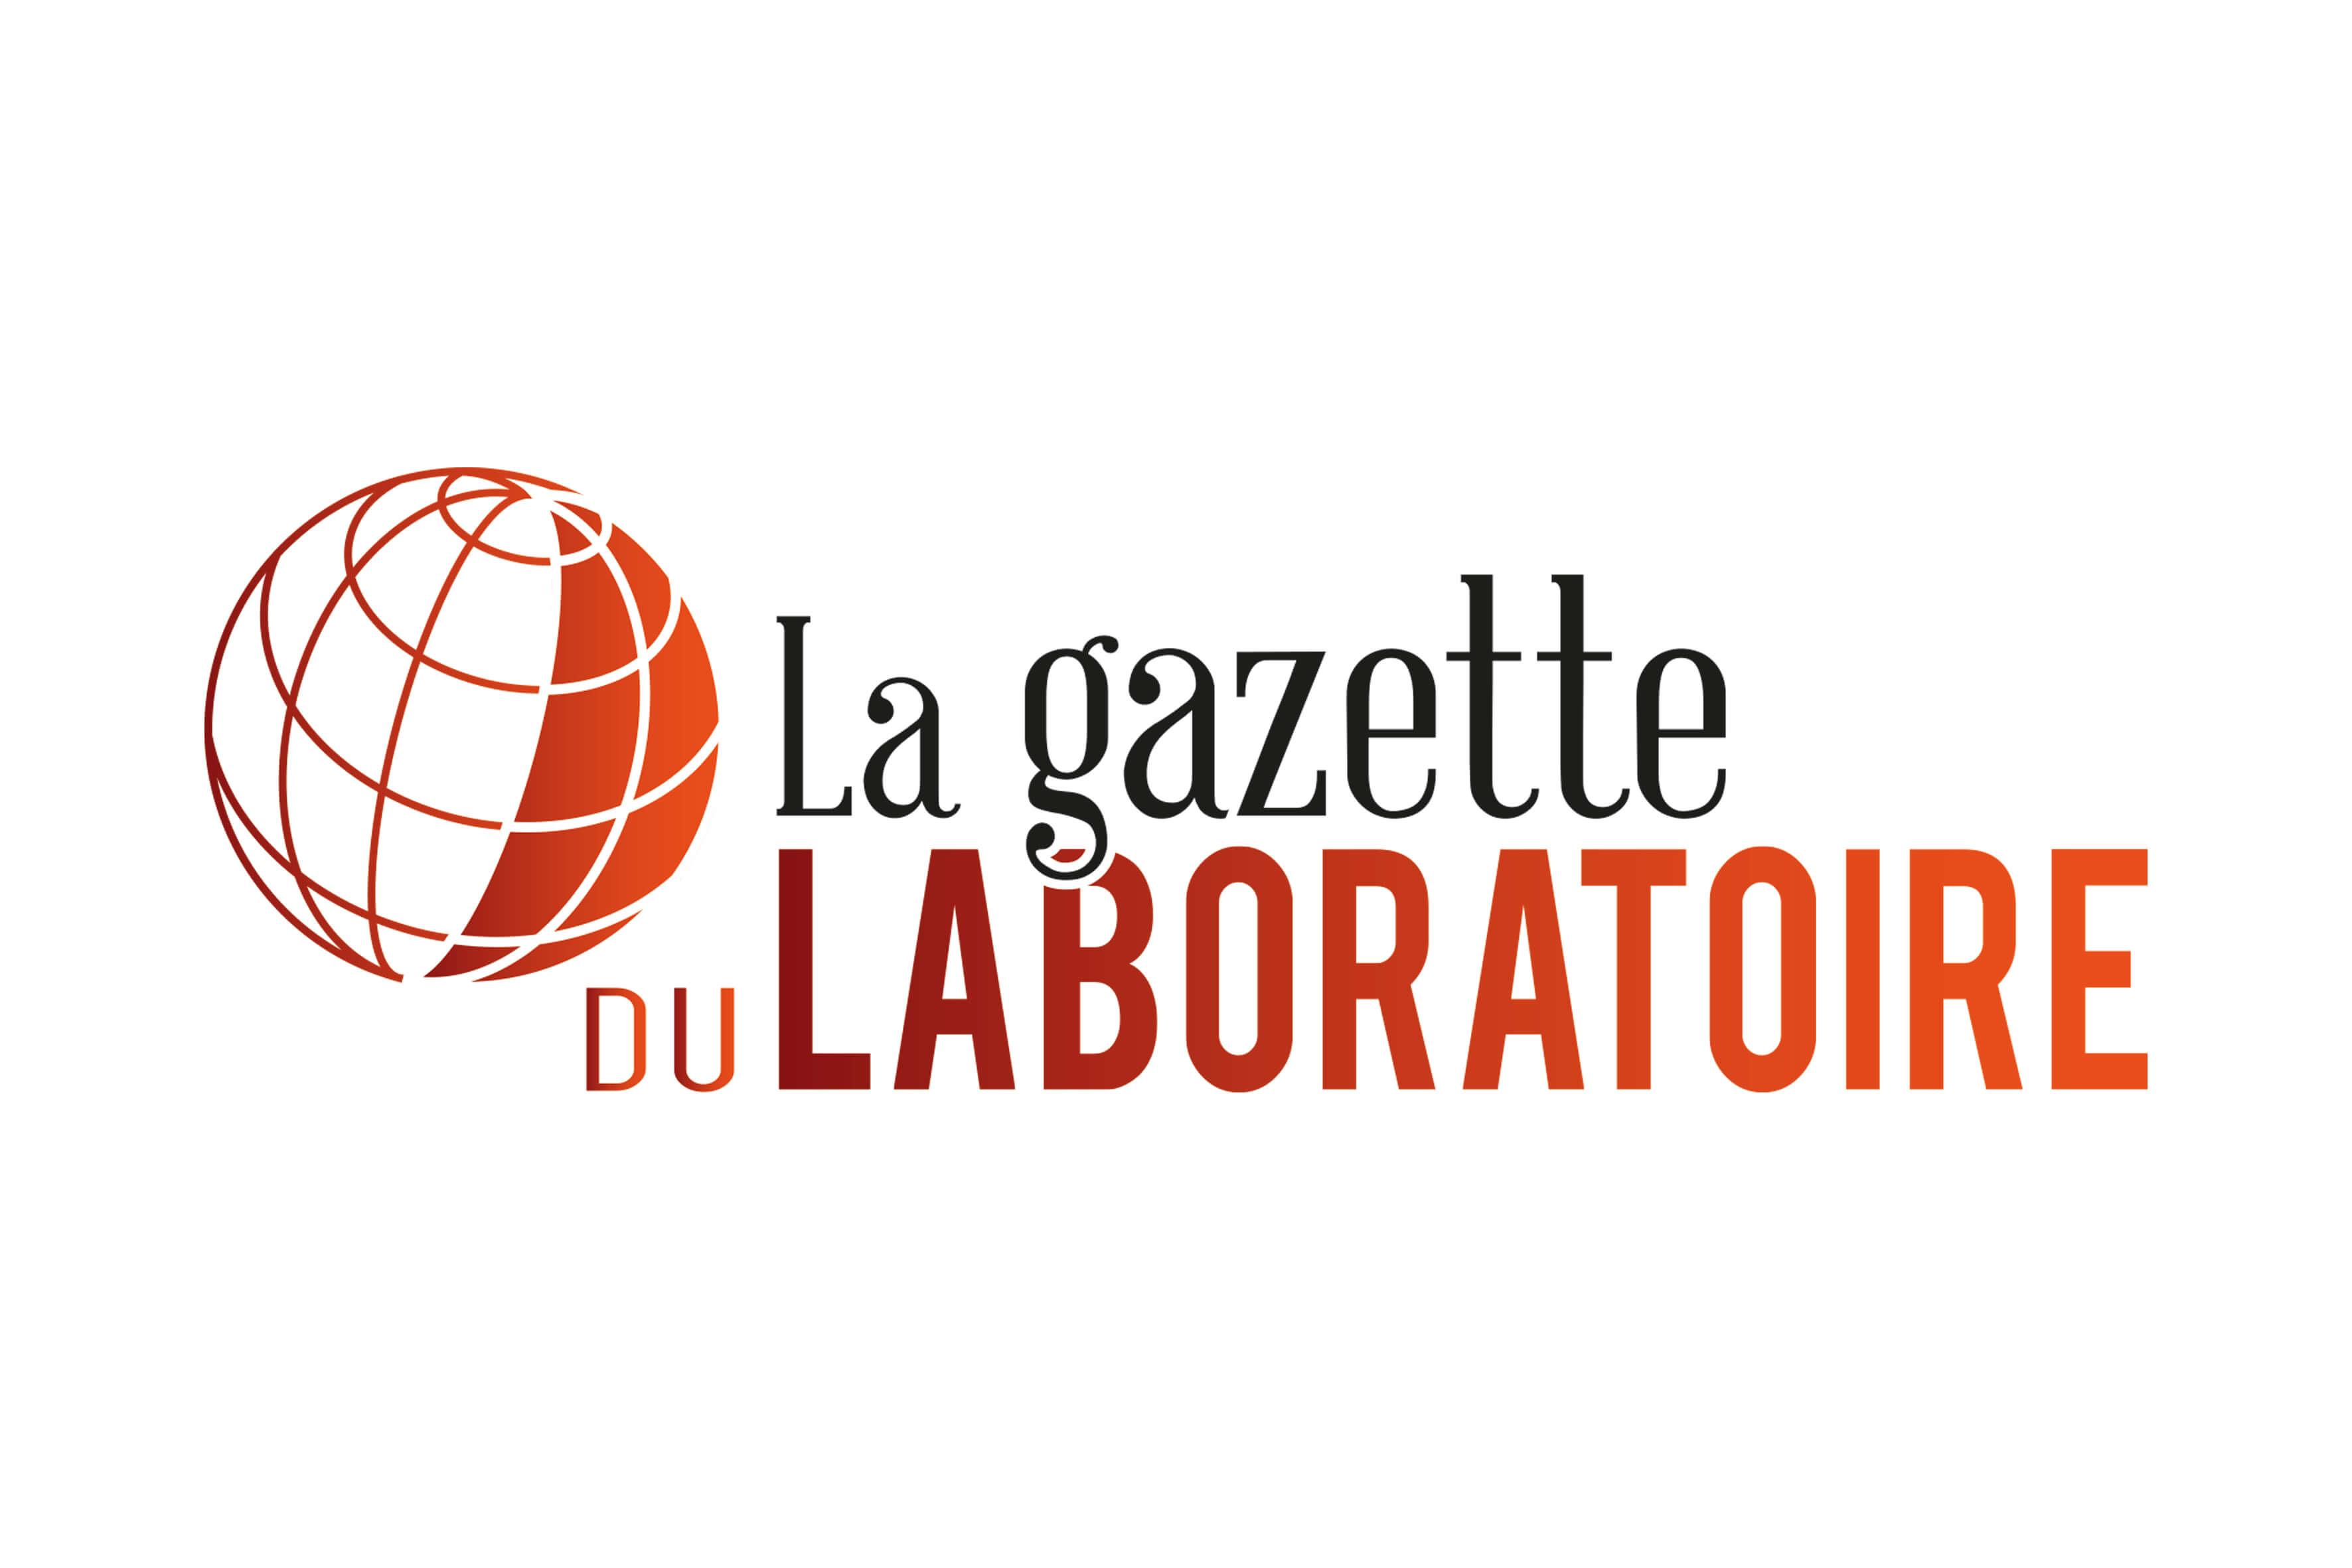 la gazette du laboratoire